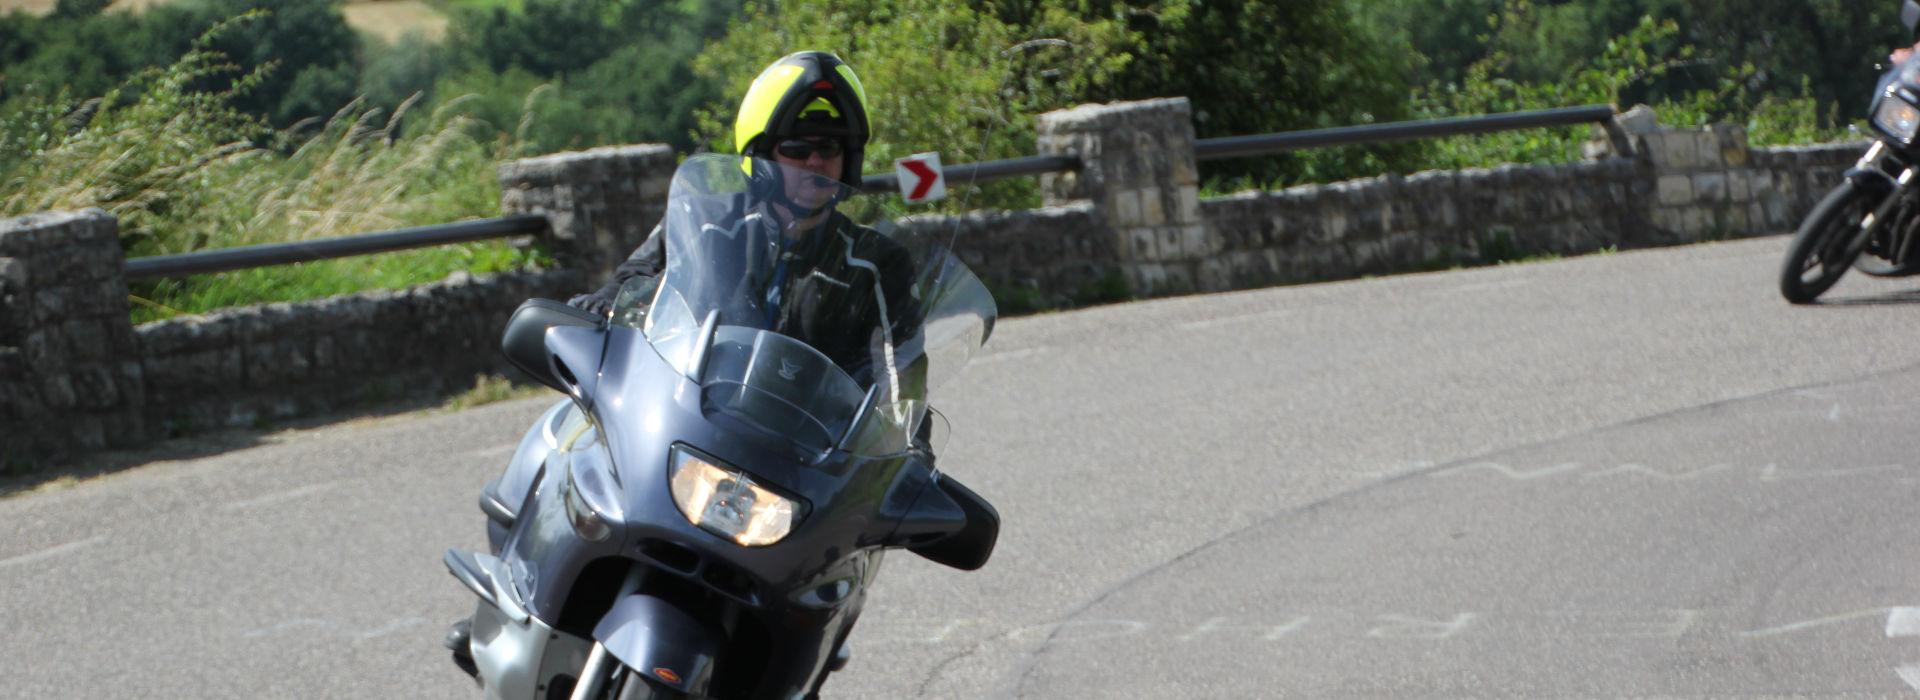 Motorrijbewijspoint Landmaten spoedcursus motorrijbewijs